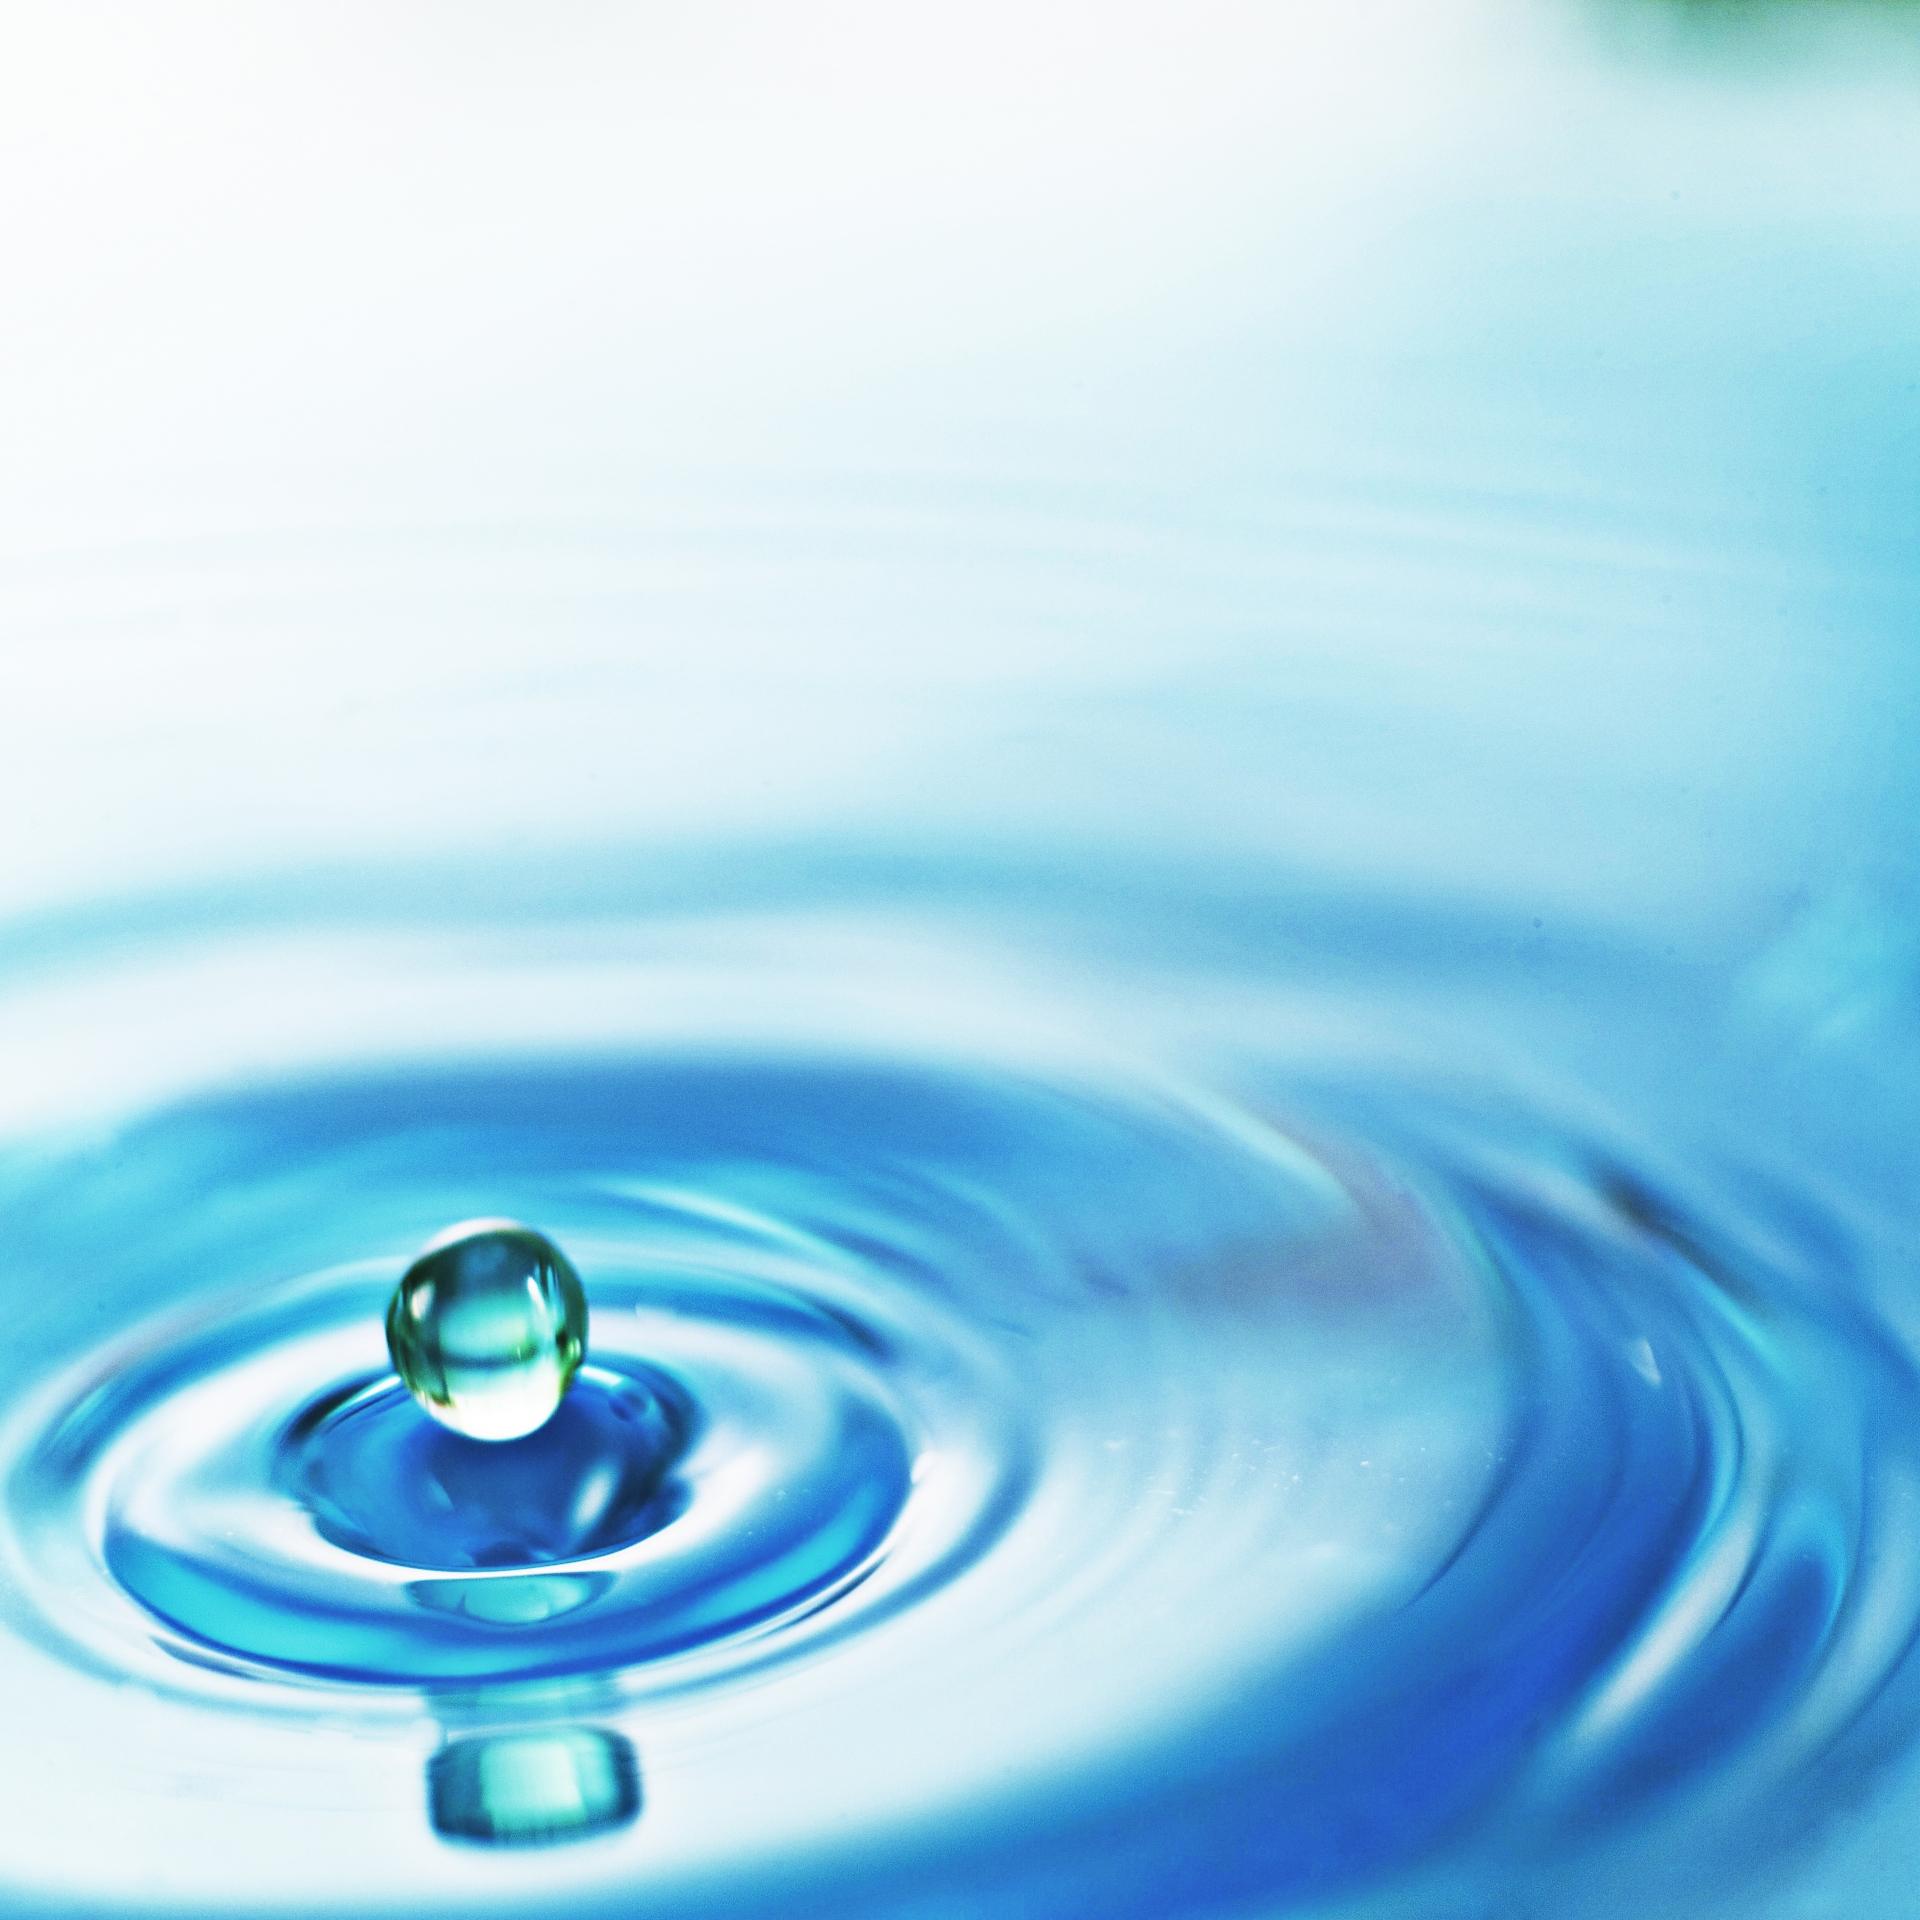 水色の英語表現とは。水色を表す沢山の英単語をご紹介します。